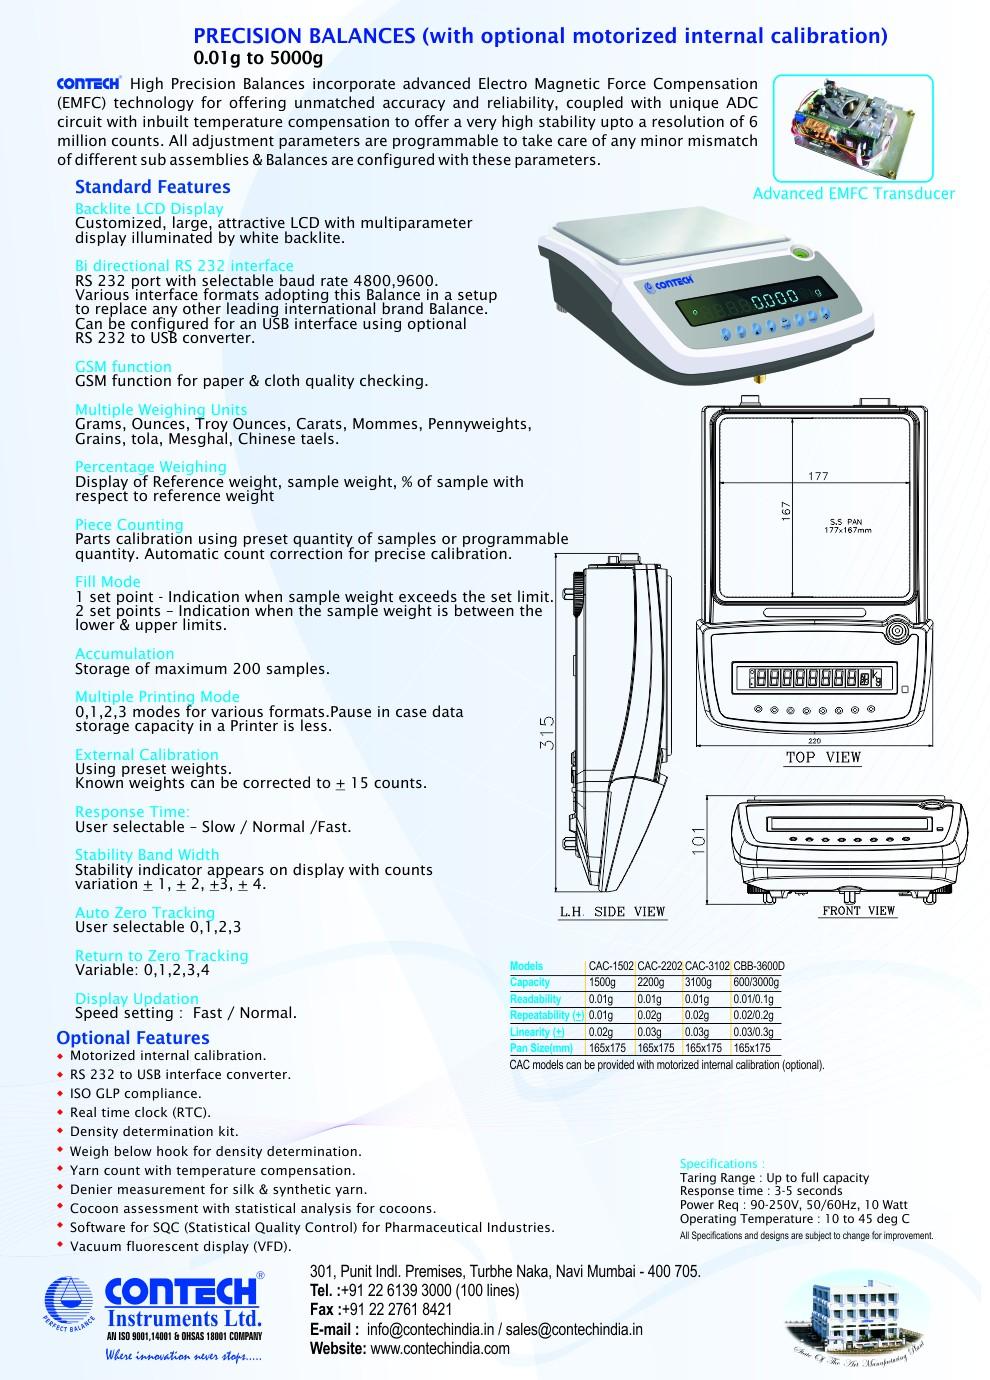 Электронные Весы Цена Контрольные Весы Светодиодный Дисплей Цена  Электронные весы цена контрольные весы светодиодный дисплей цена панель почтовый шкале